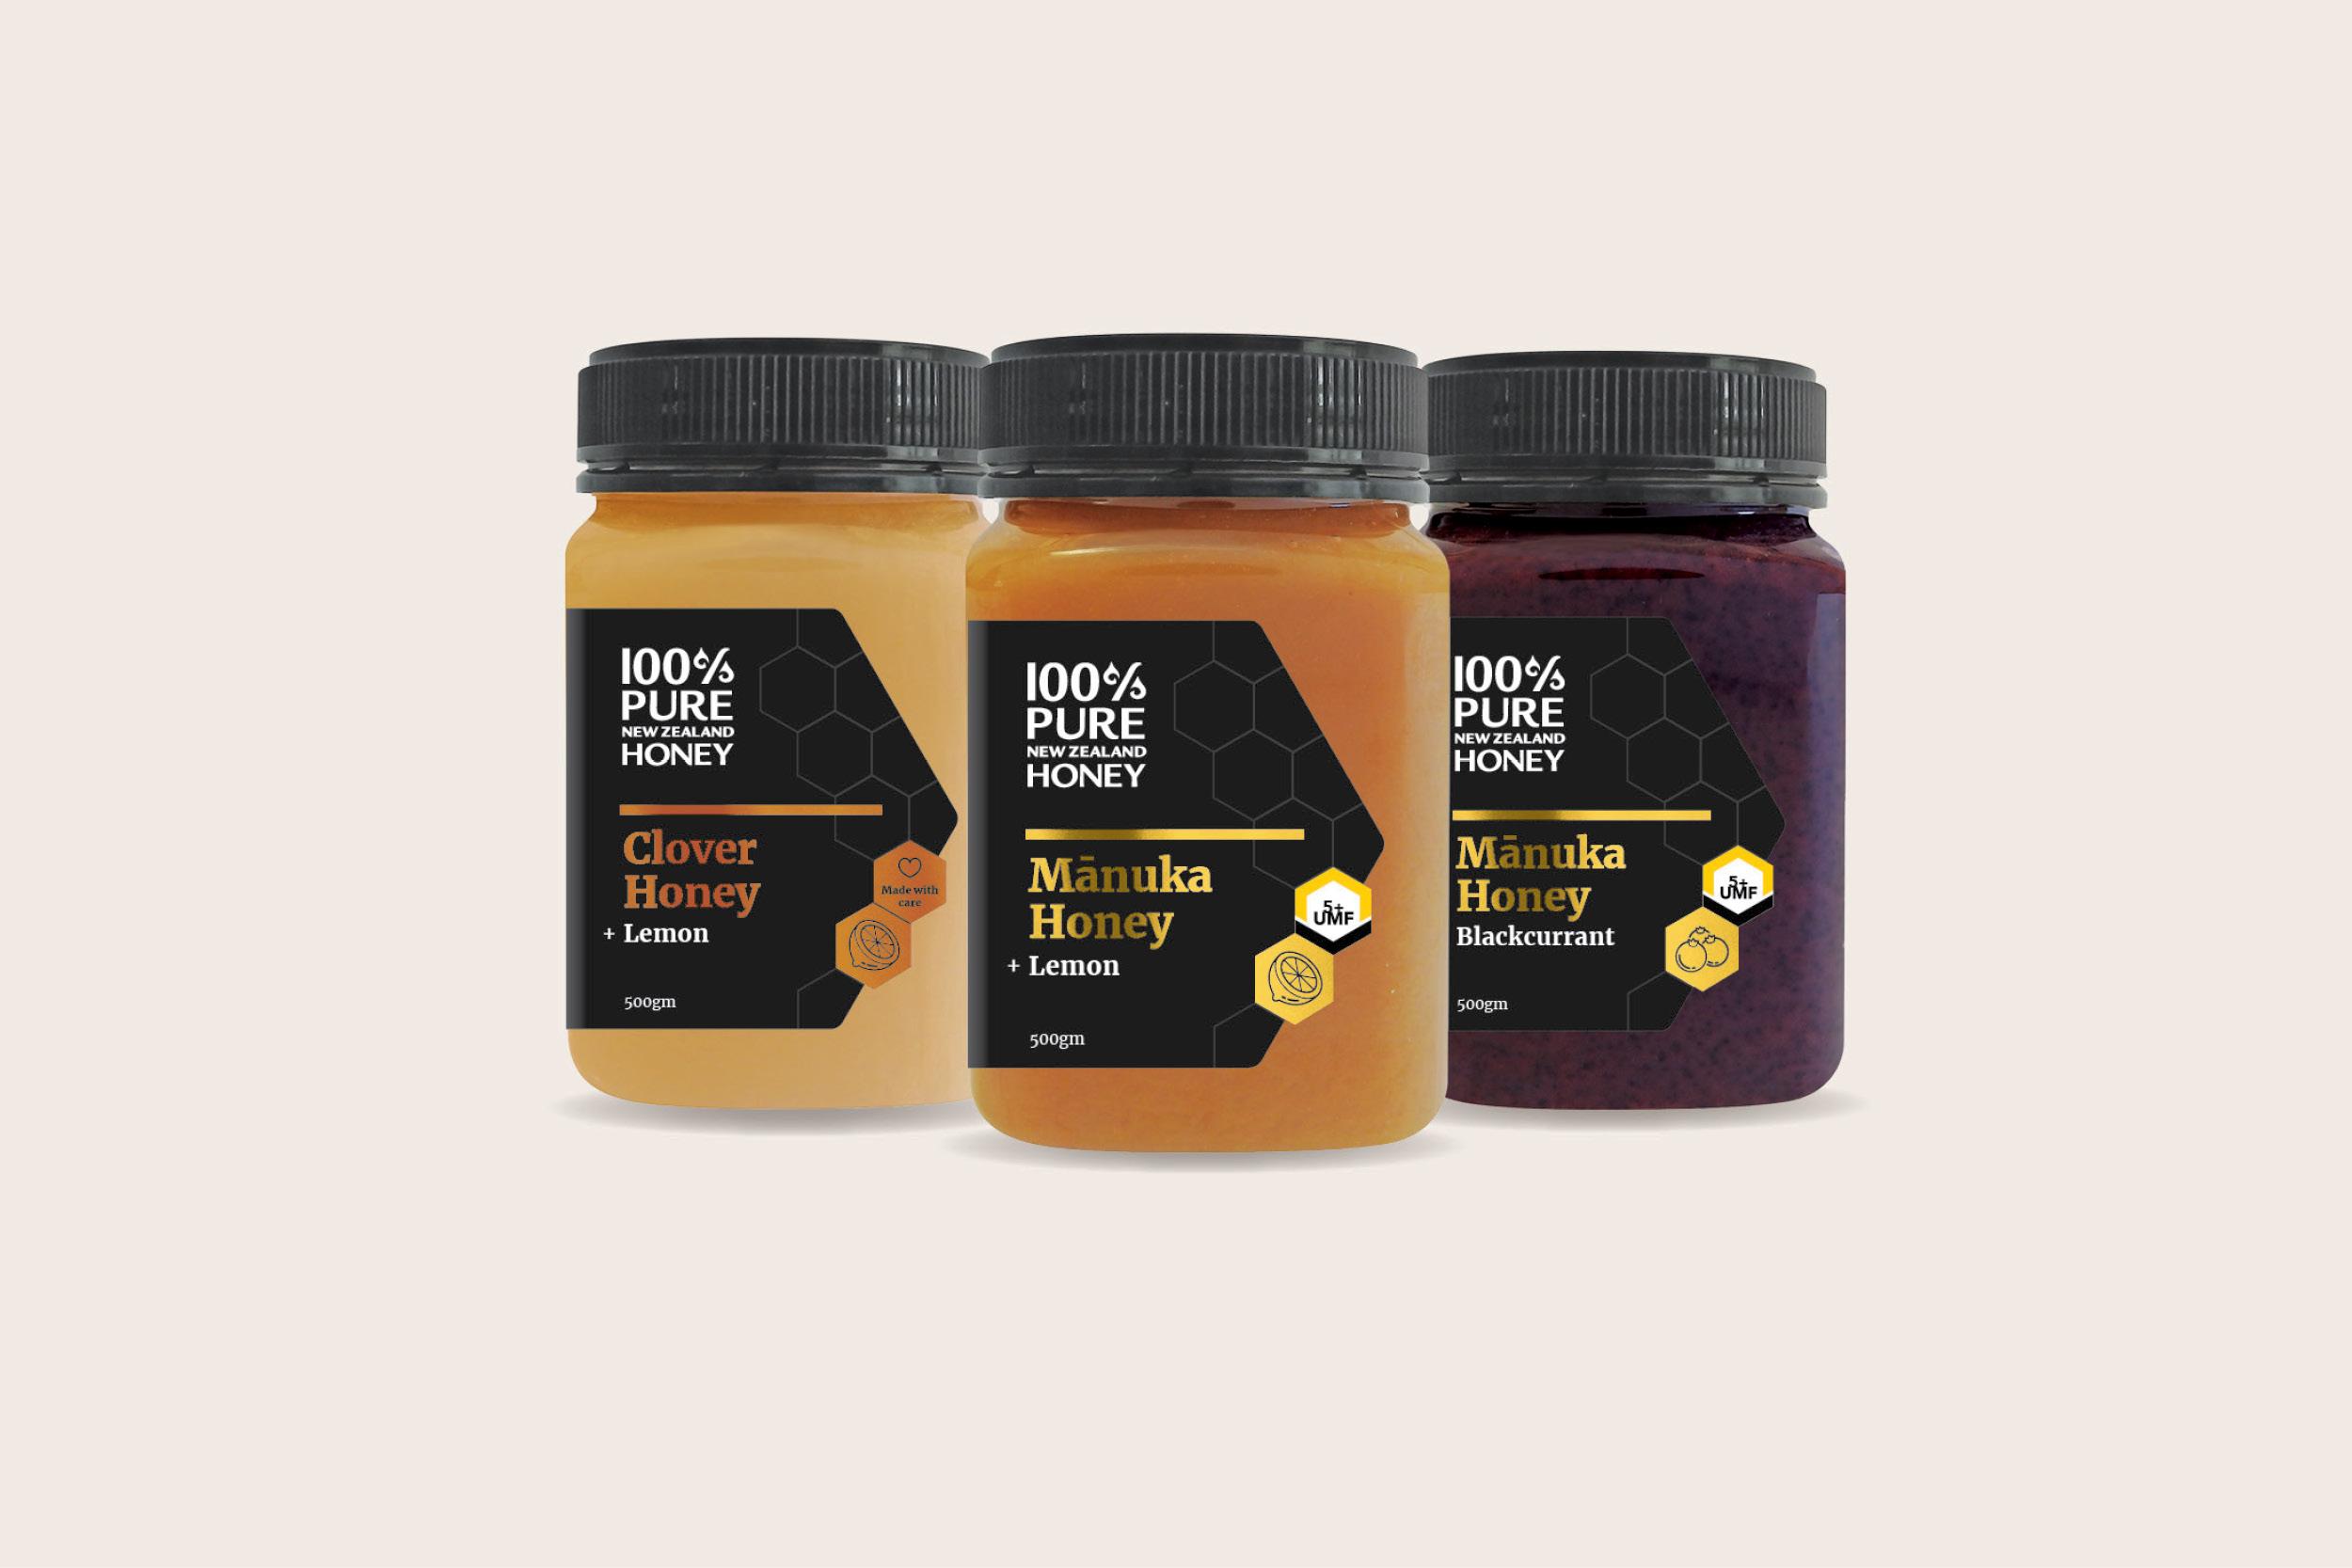 Honey jar packaging